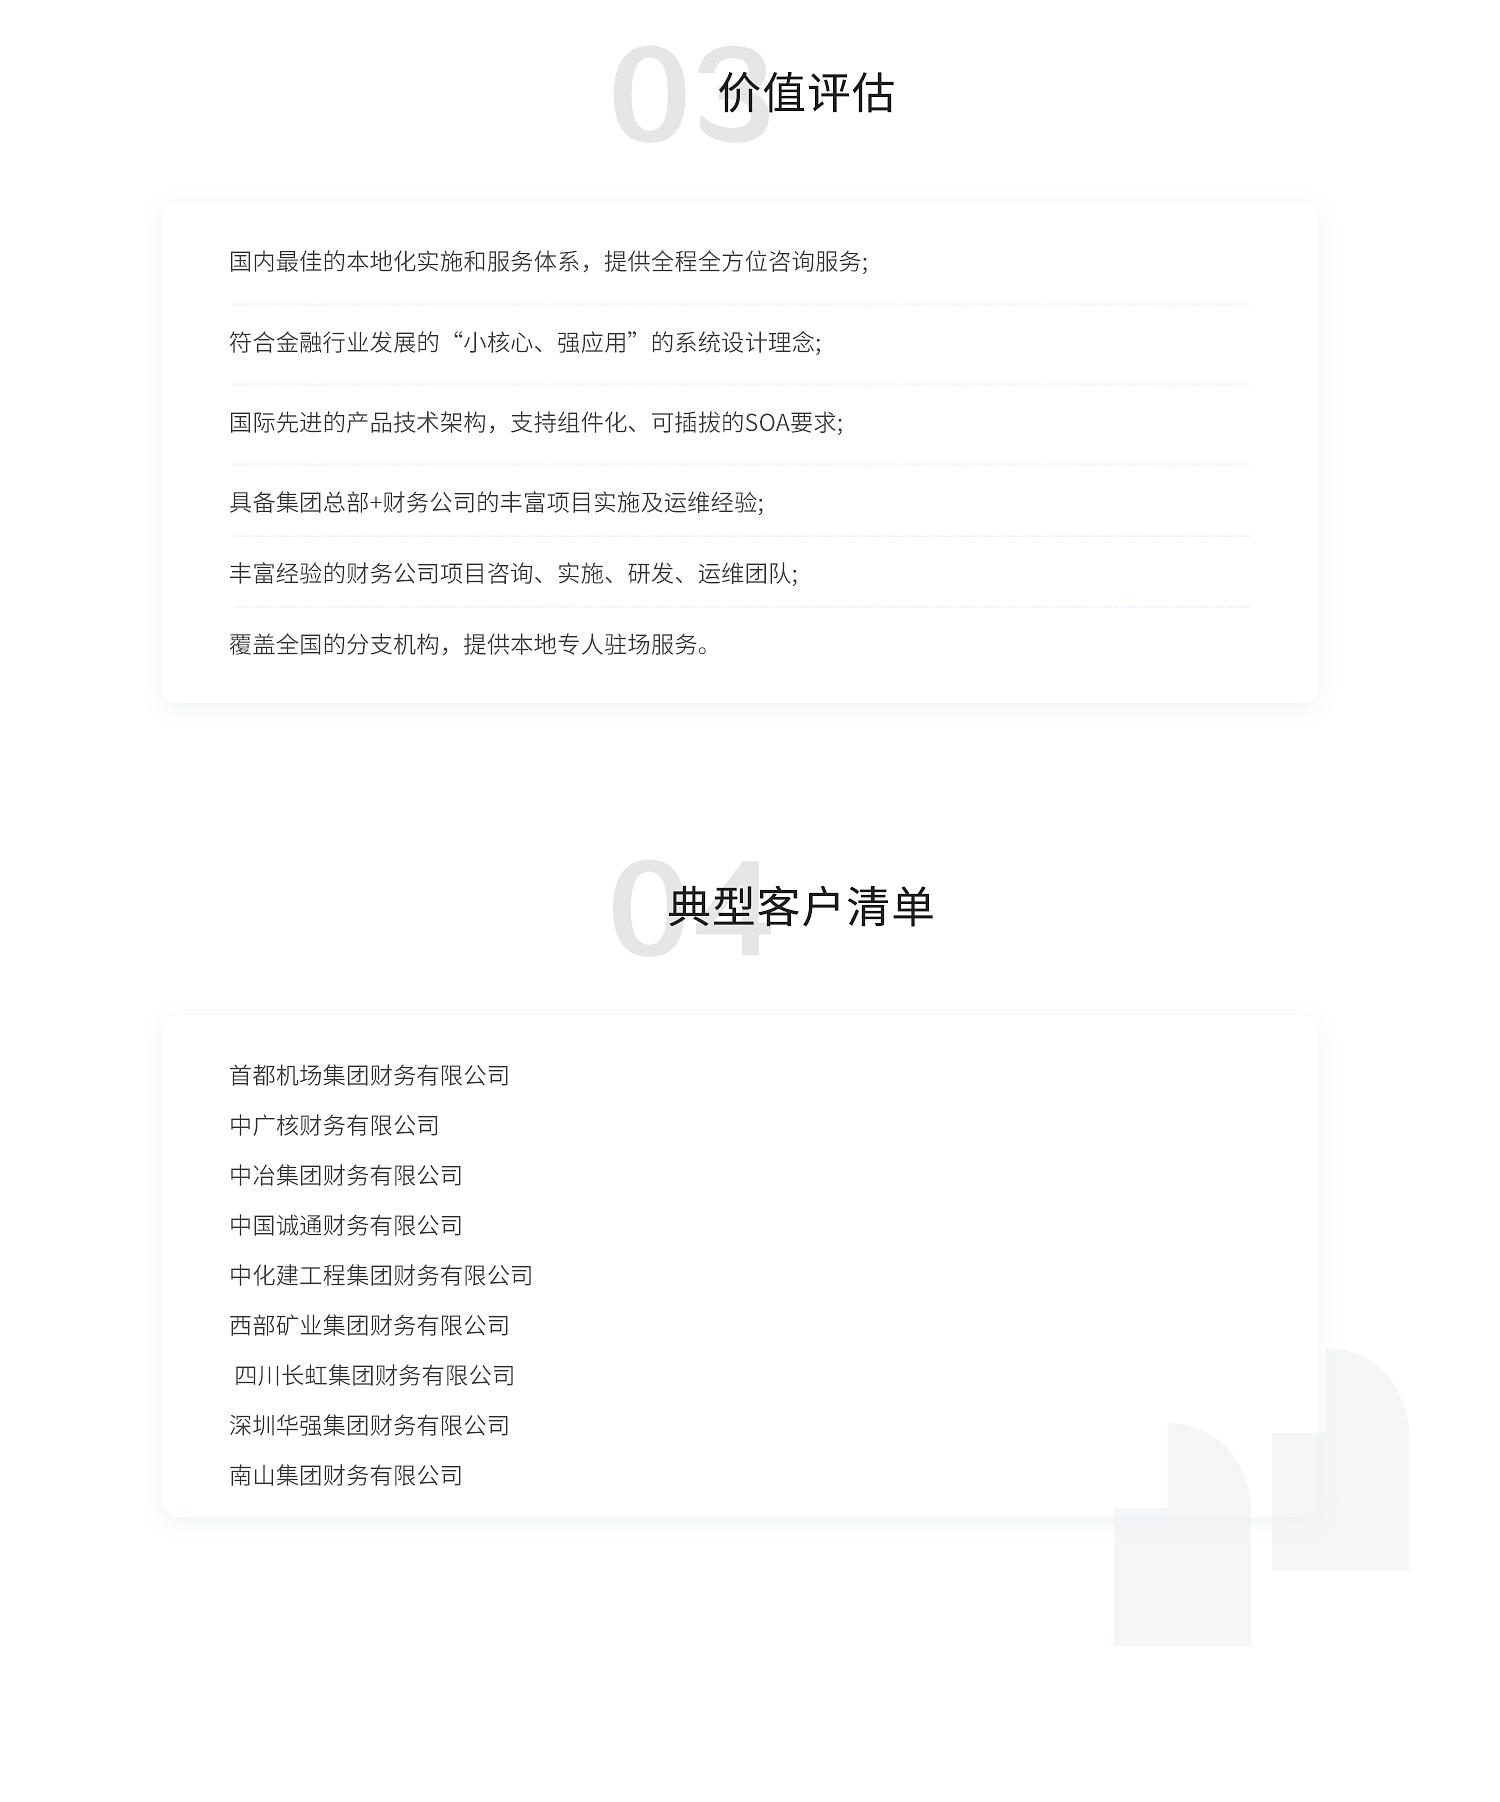 财务公司核心业务系统解决方案3.jpg